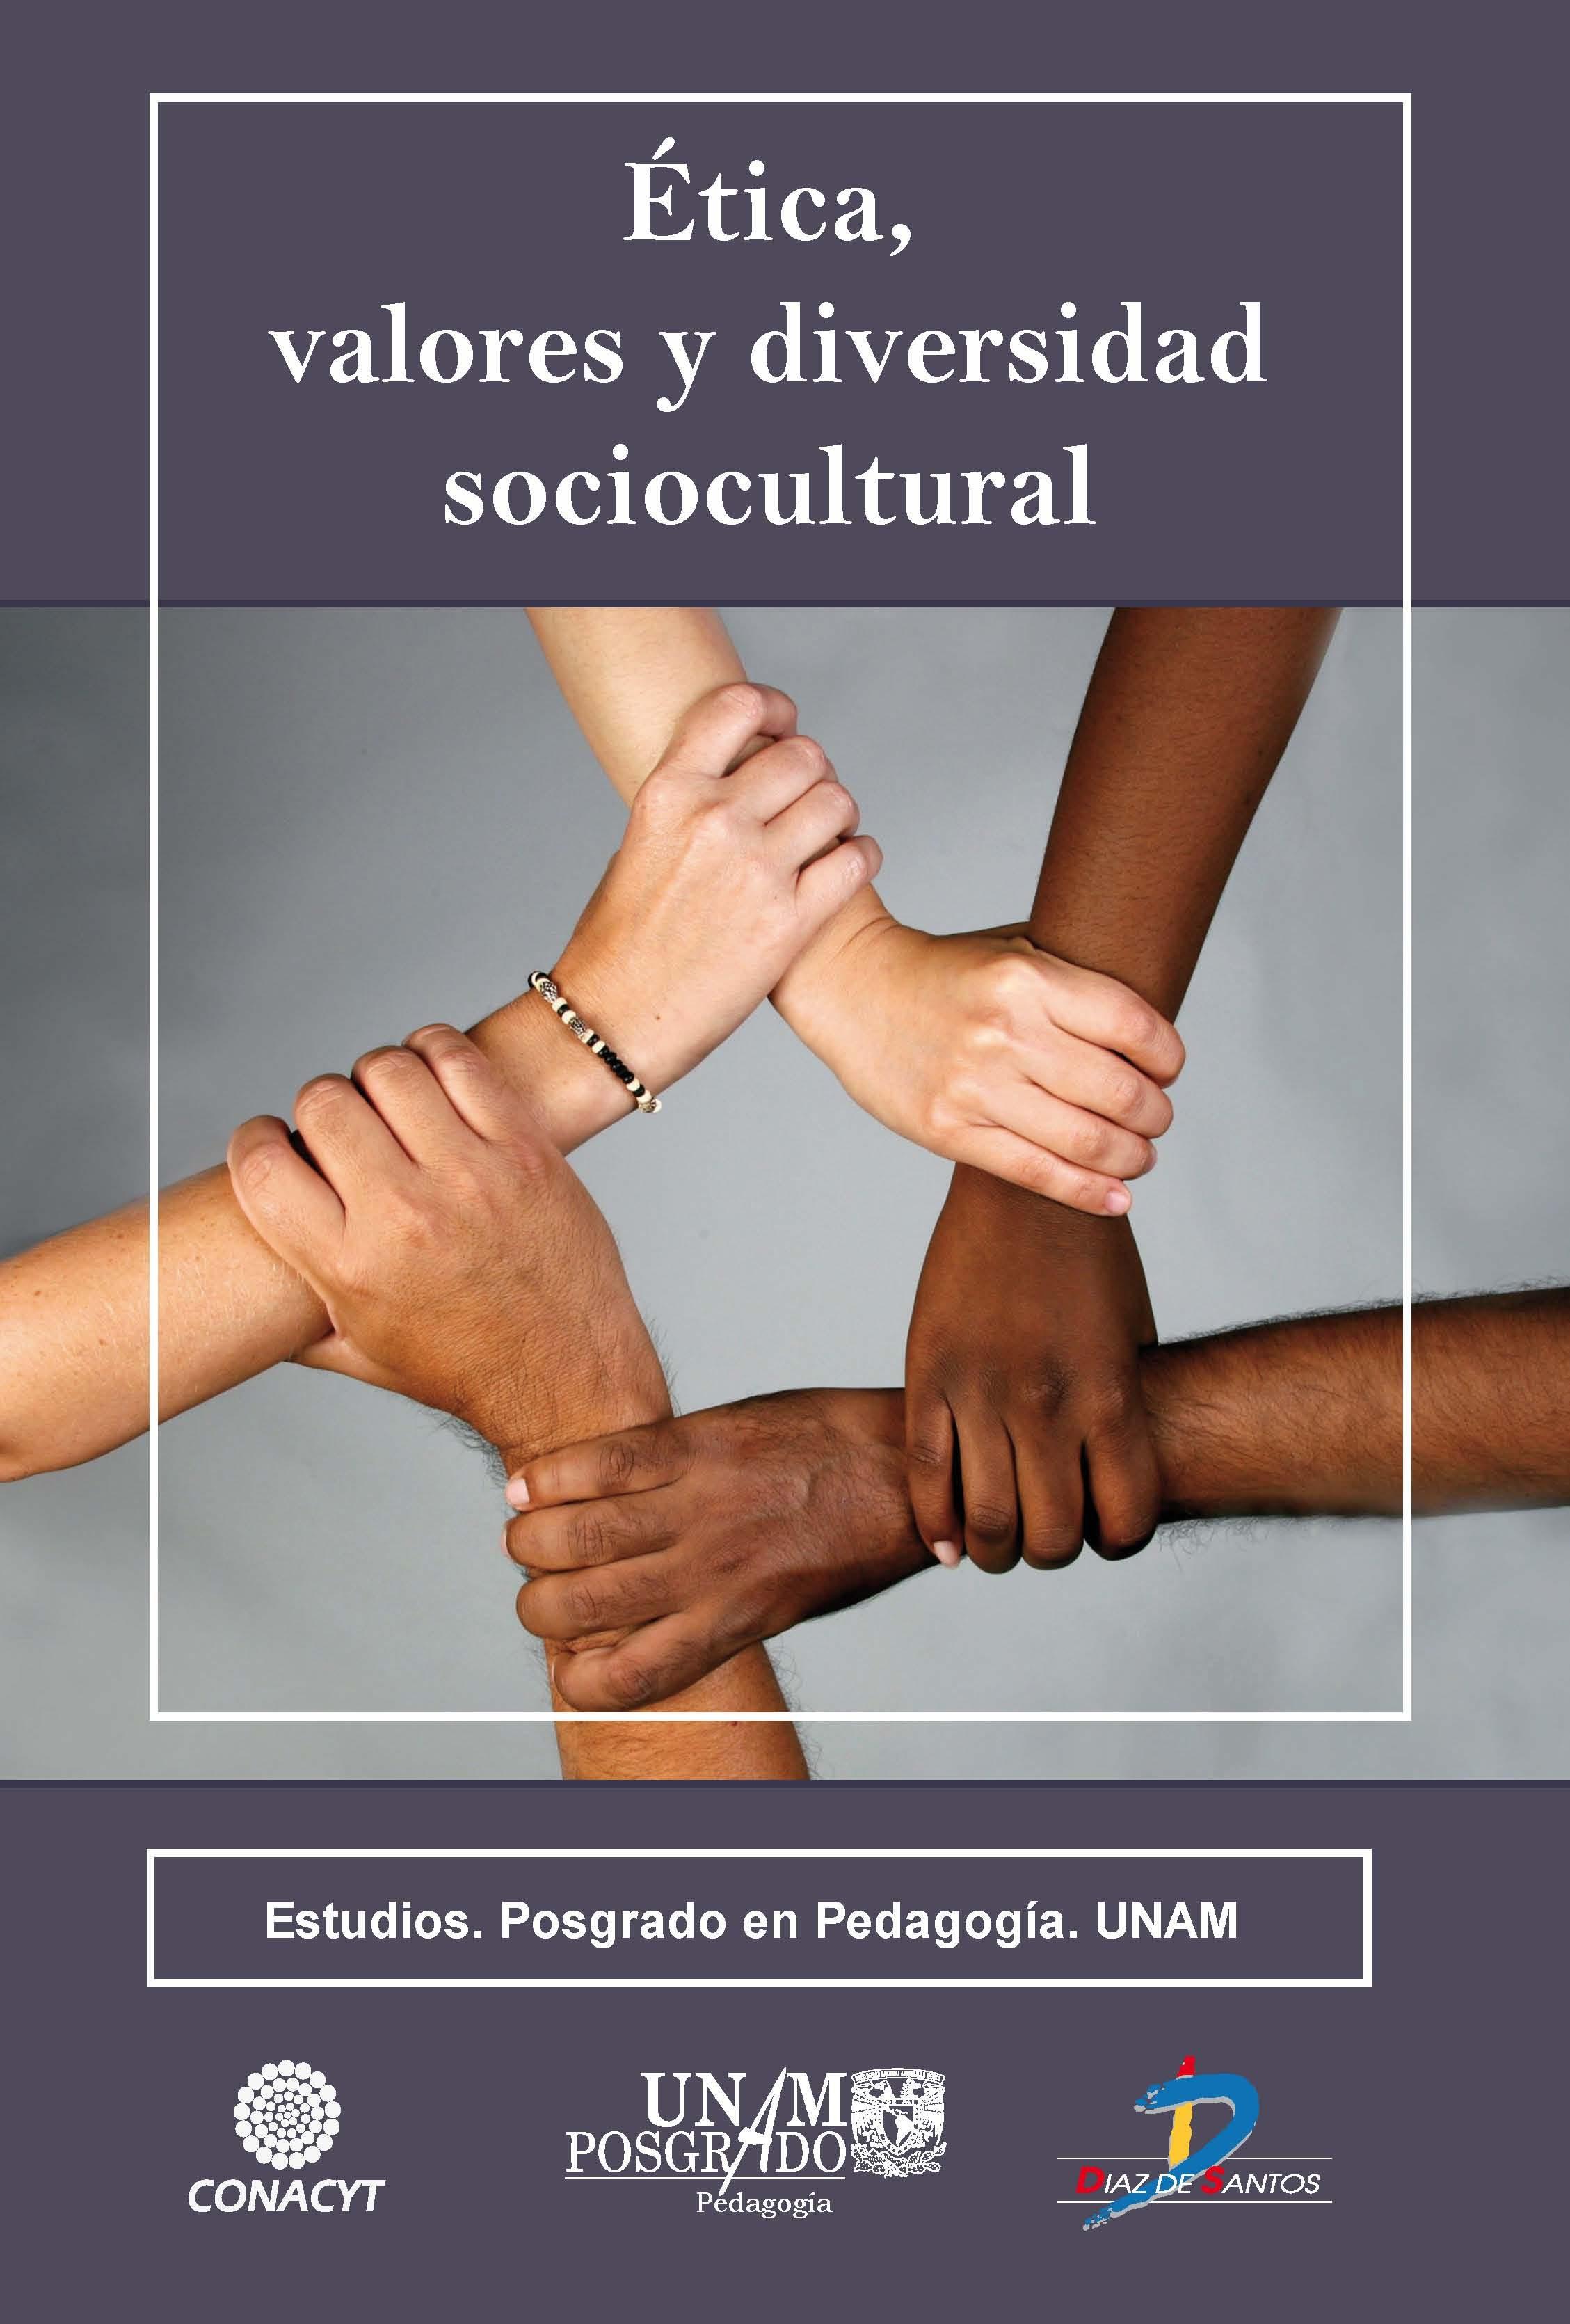 Resultado de imagen para Ética, valores y diversidad sociocultural